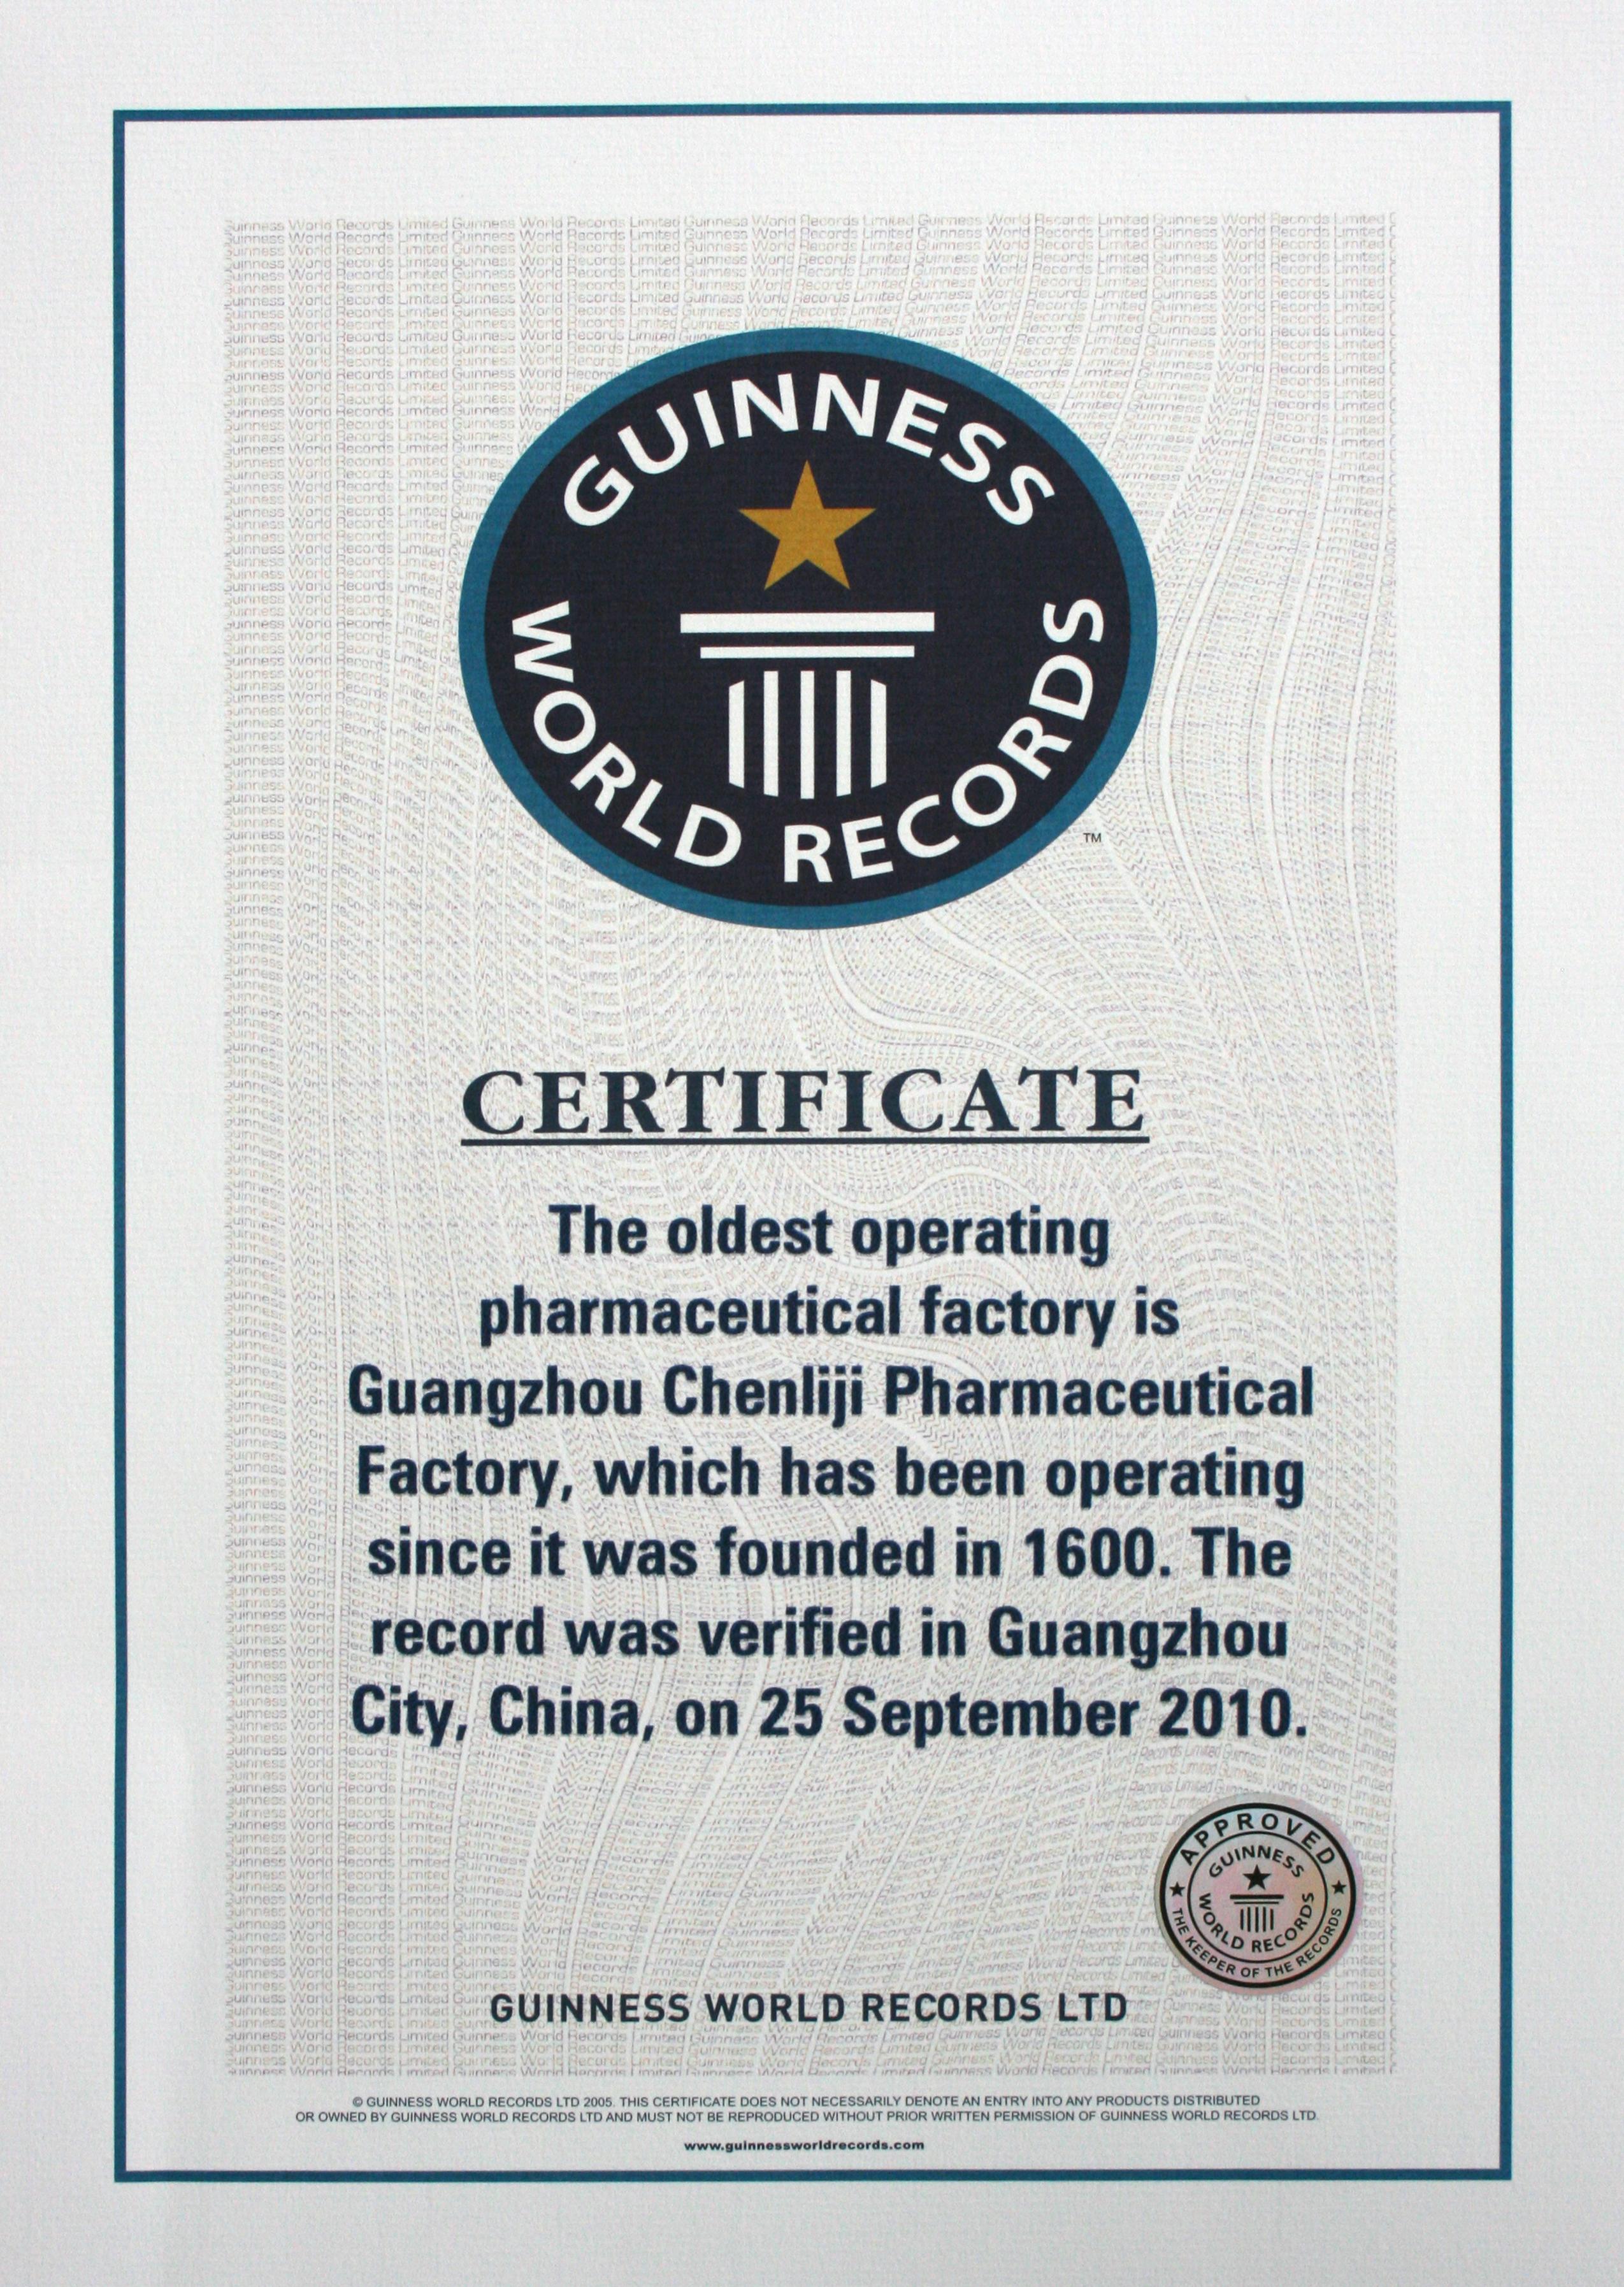 全球最长寿制药厂